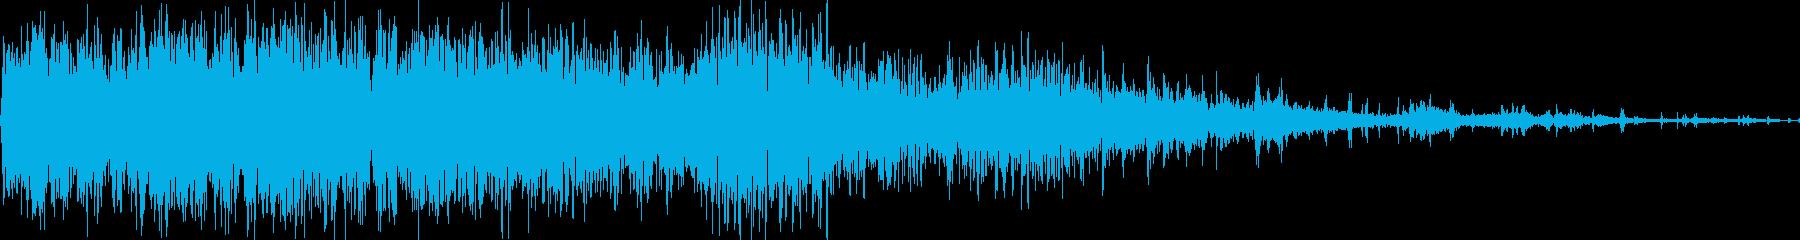 ドンドンパフパフの再生済みの波形